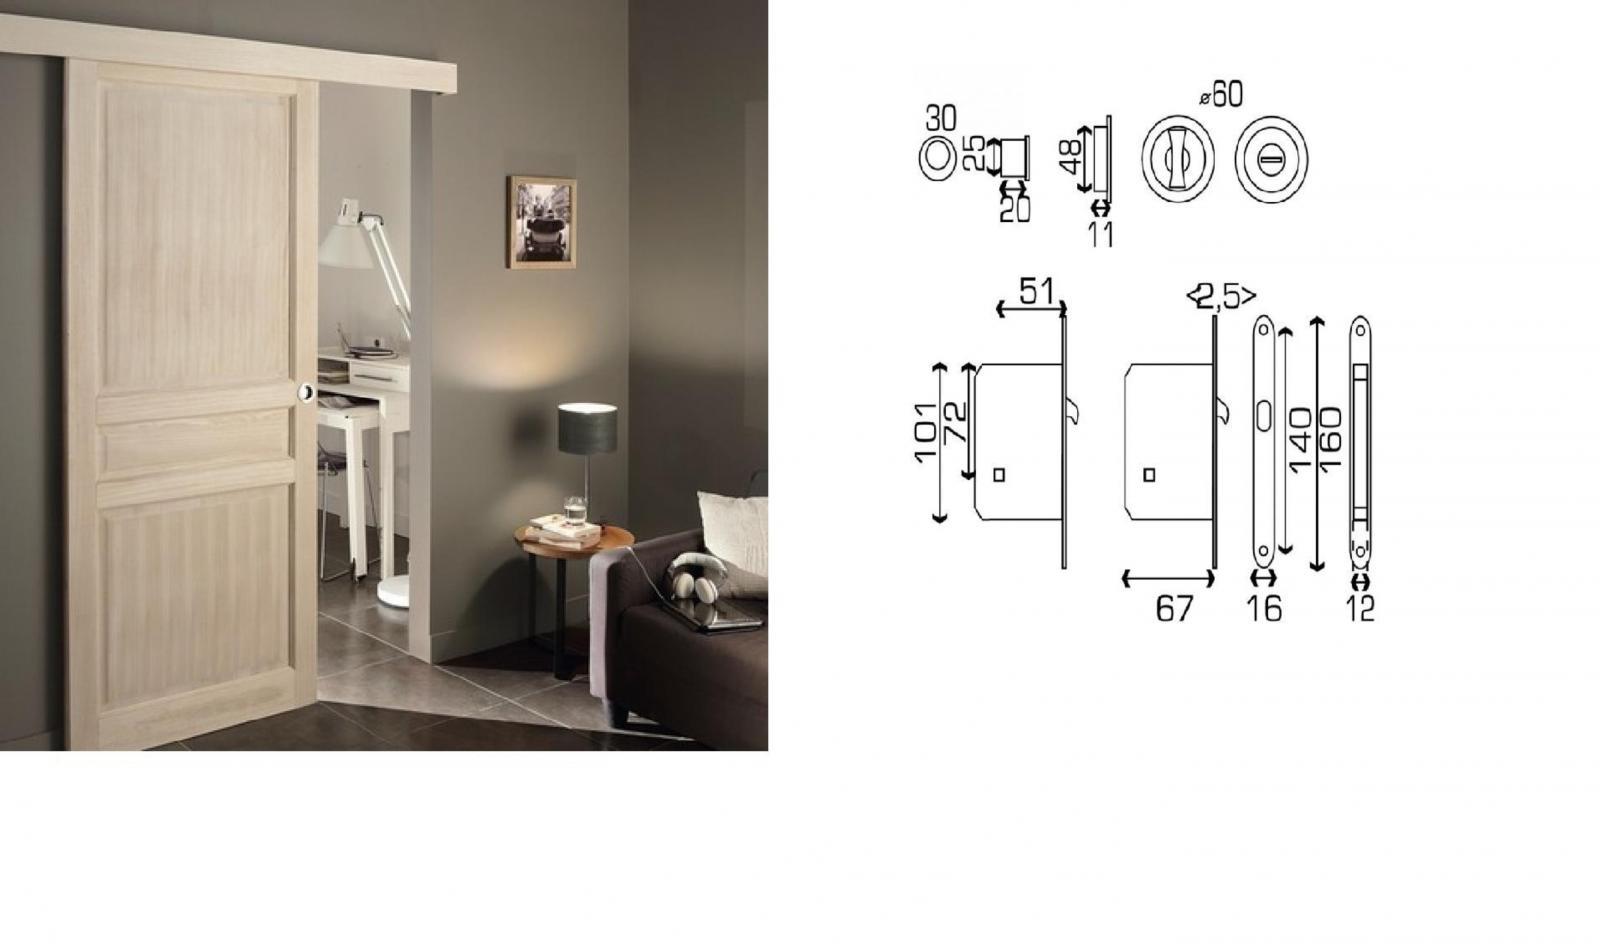 porte coulissante verrou menuiserie image et conseil. Black Bedroom Furniture Sets. Home Design Ideas